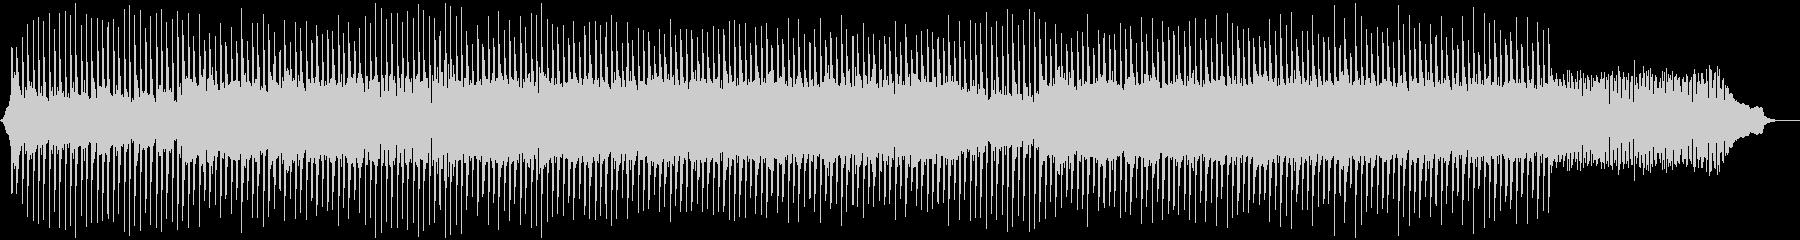 ピアノとシンセのテクノポップの未再生の波形